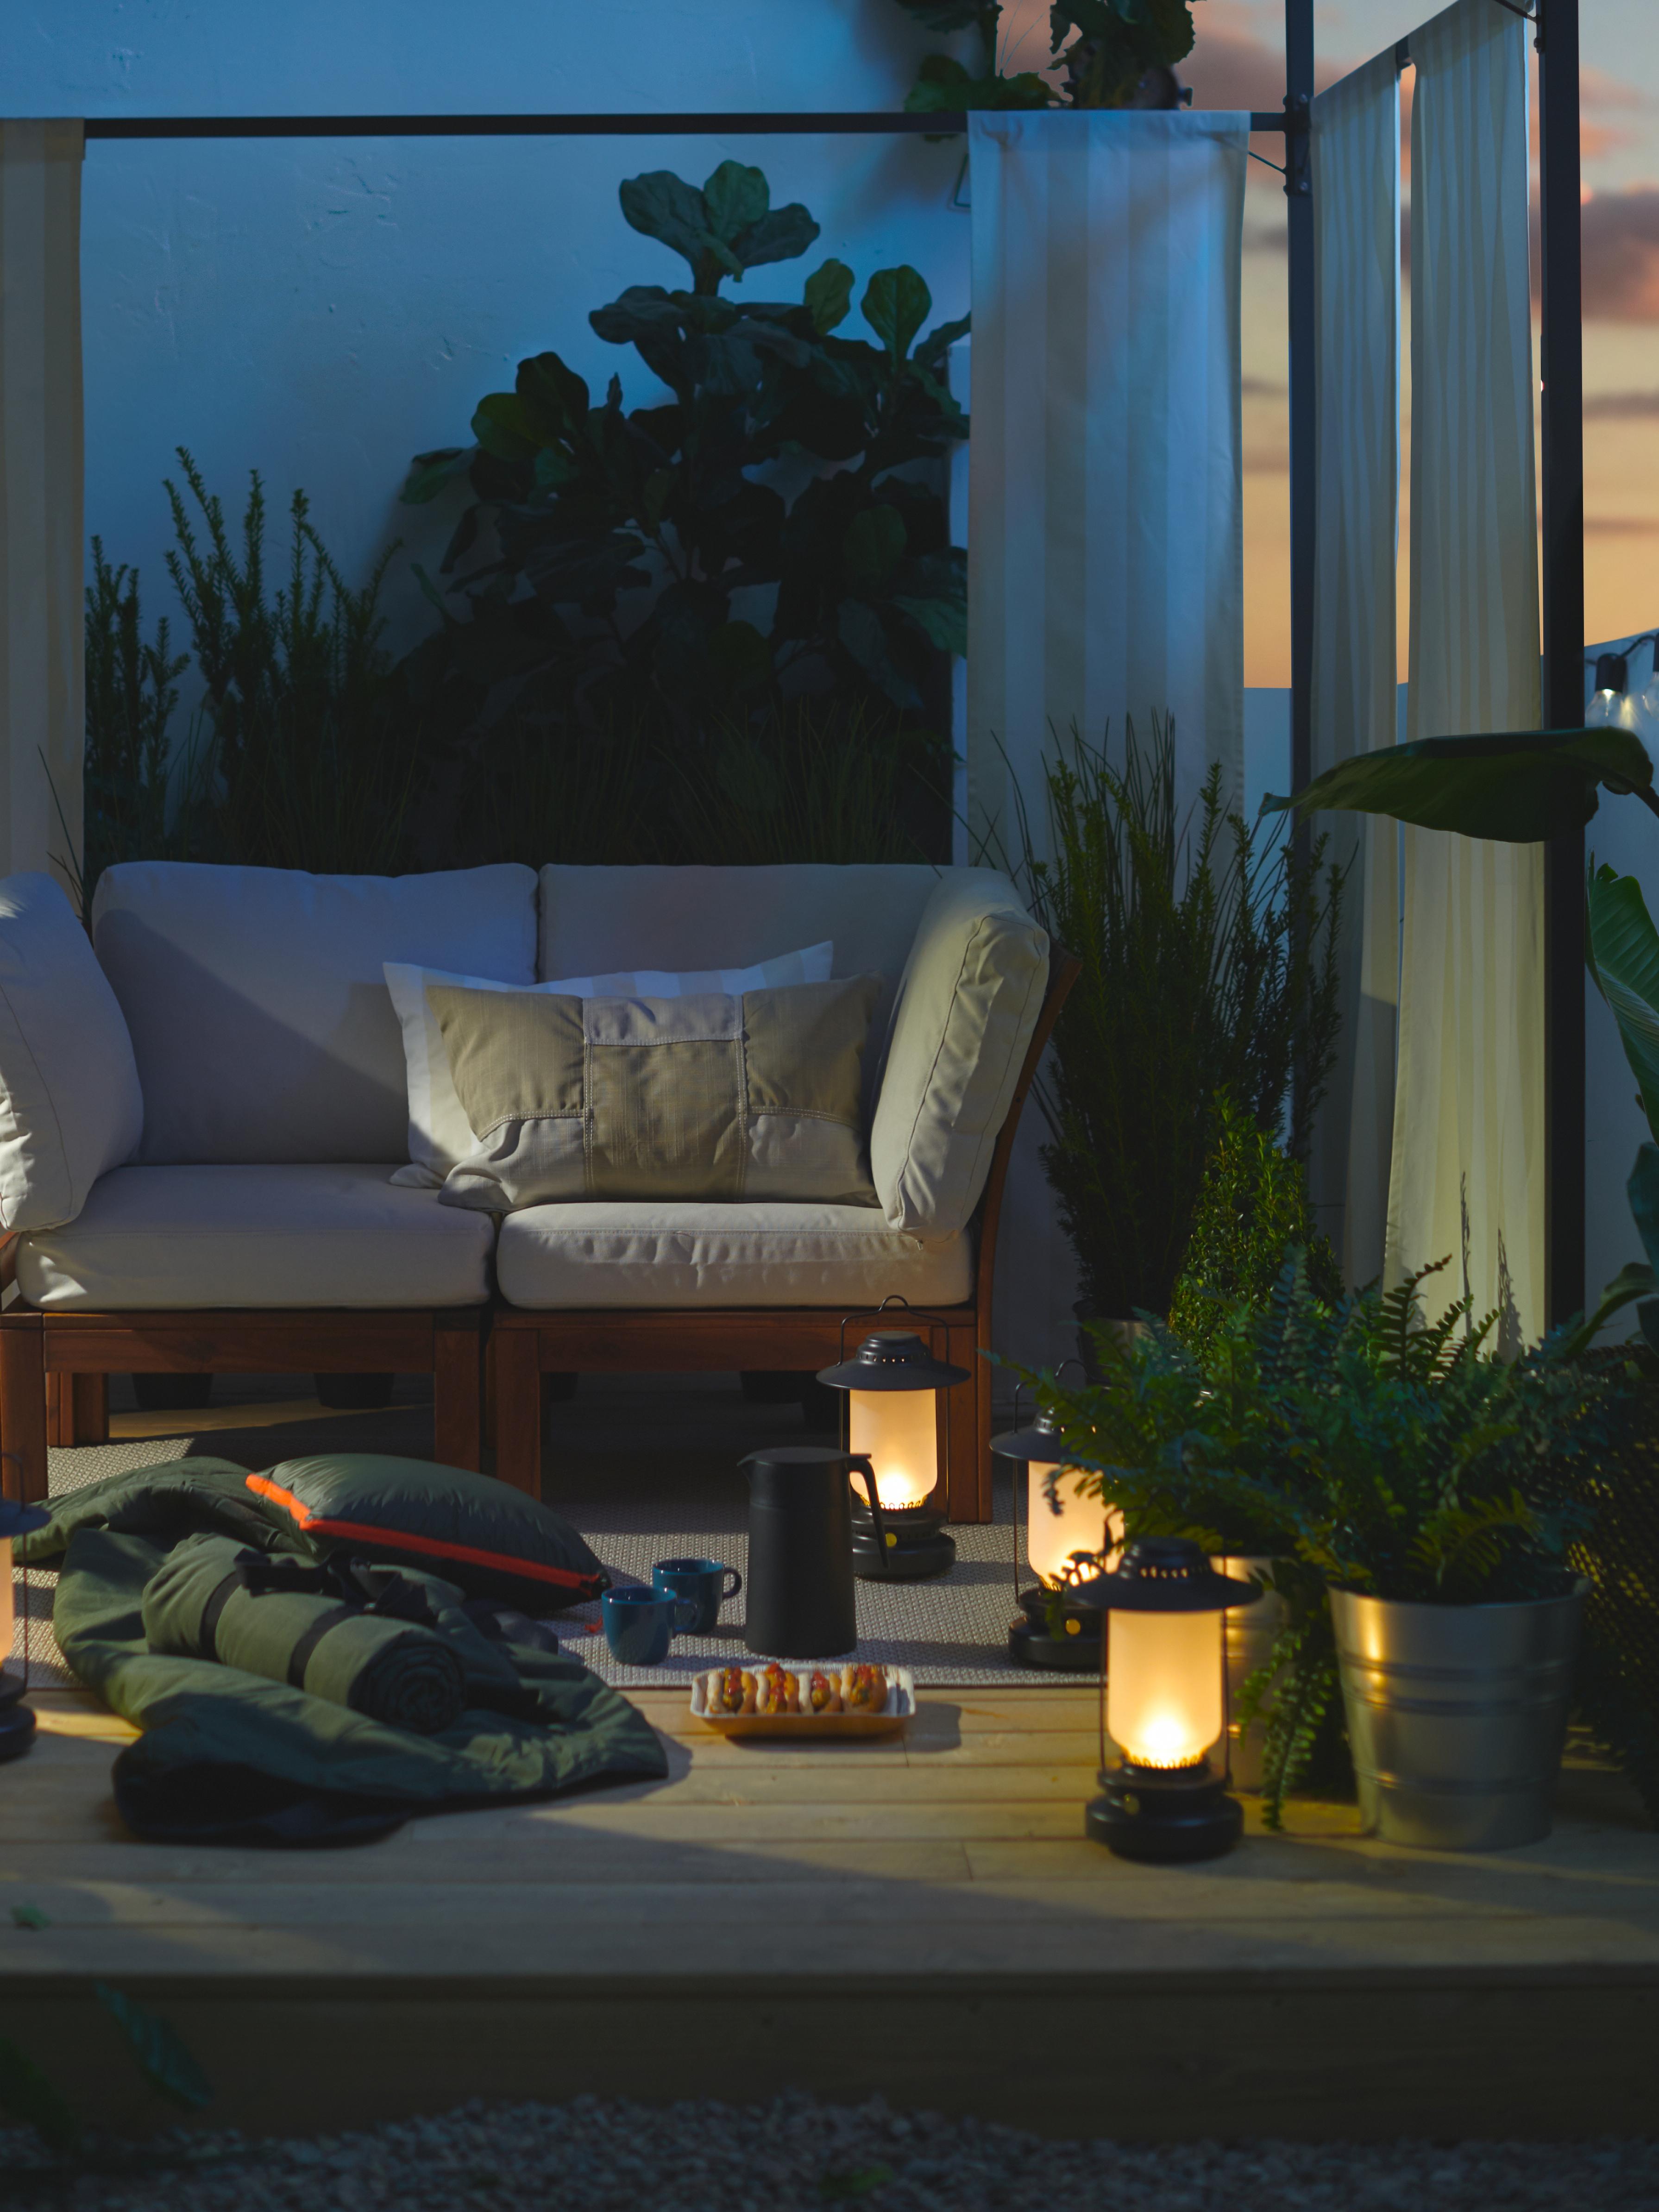 Un décor rappelant une aire de camping avec des lanternes à LED, une couverture, des hot dogs et des boissons chaudes sur une terrasse sous une tonnelle au crépuscule.